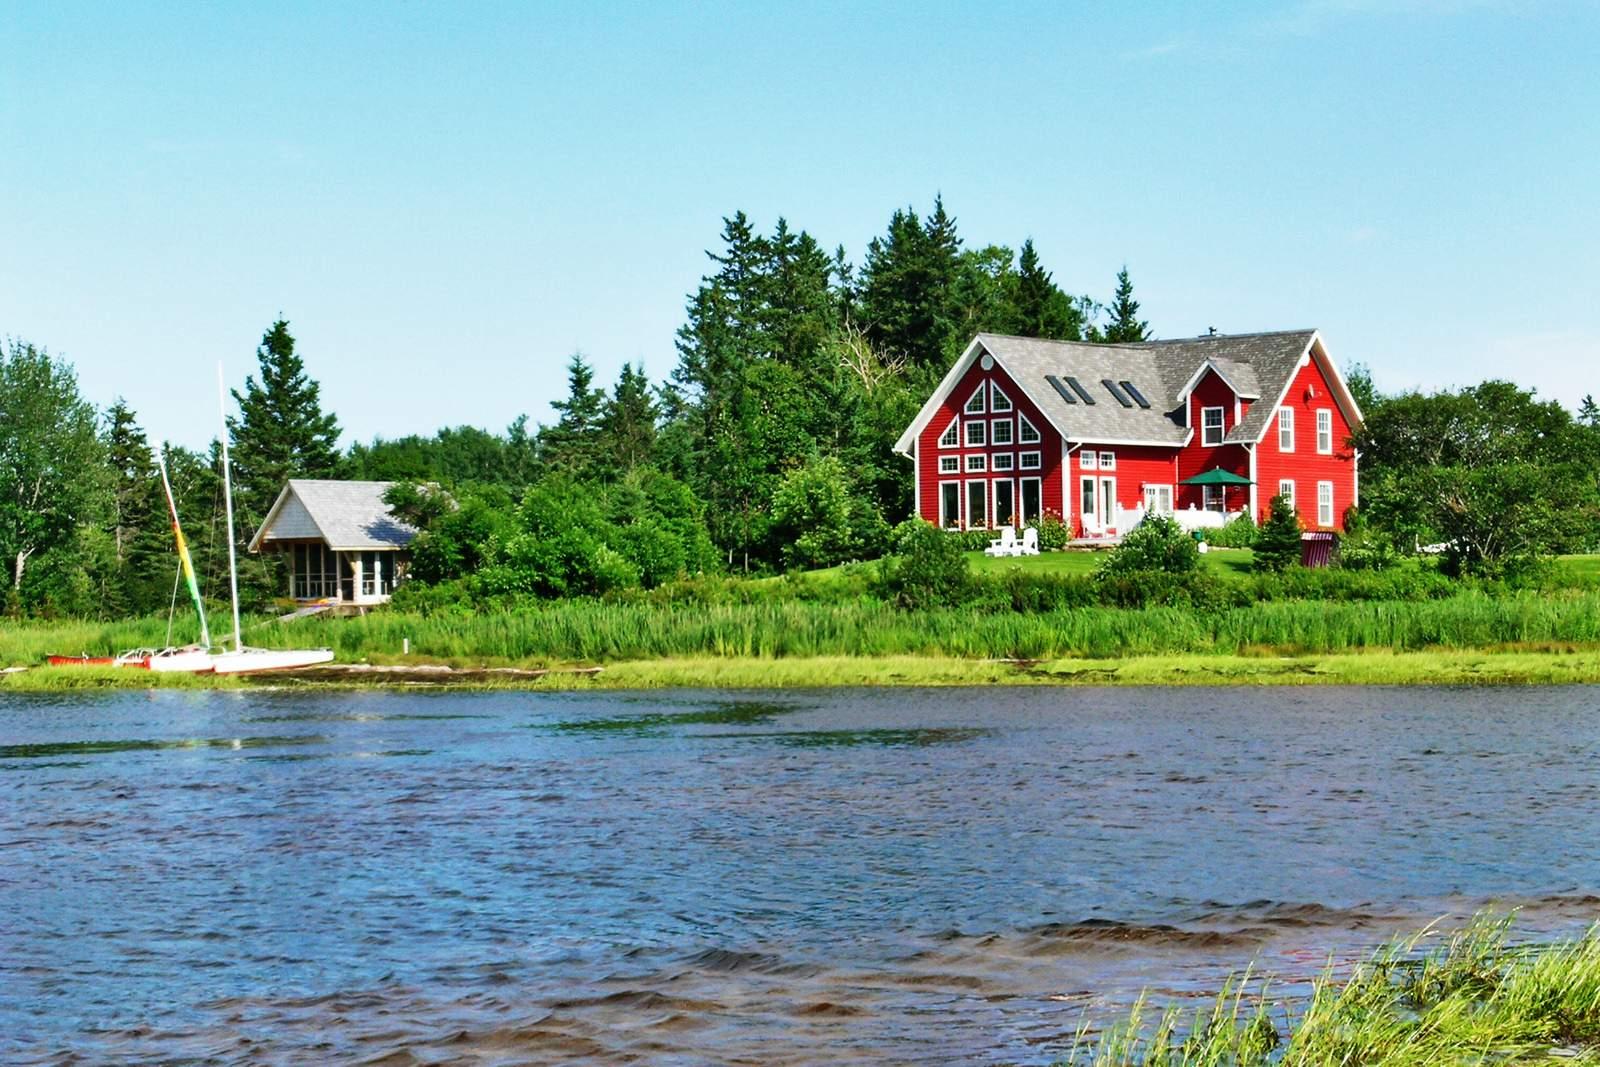 Das Hotel Little Shemogue Inn am Wasser in New Brunswick